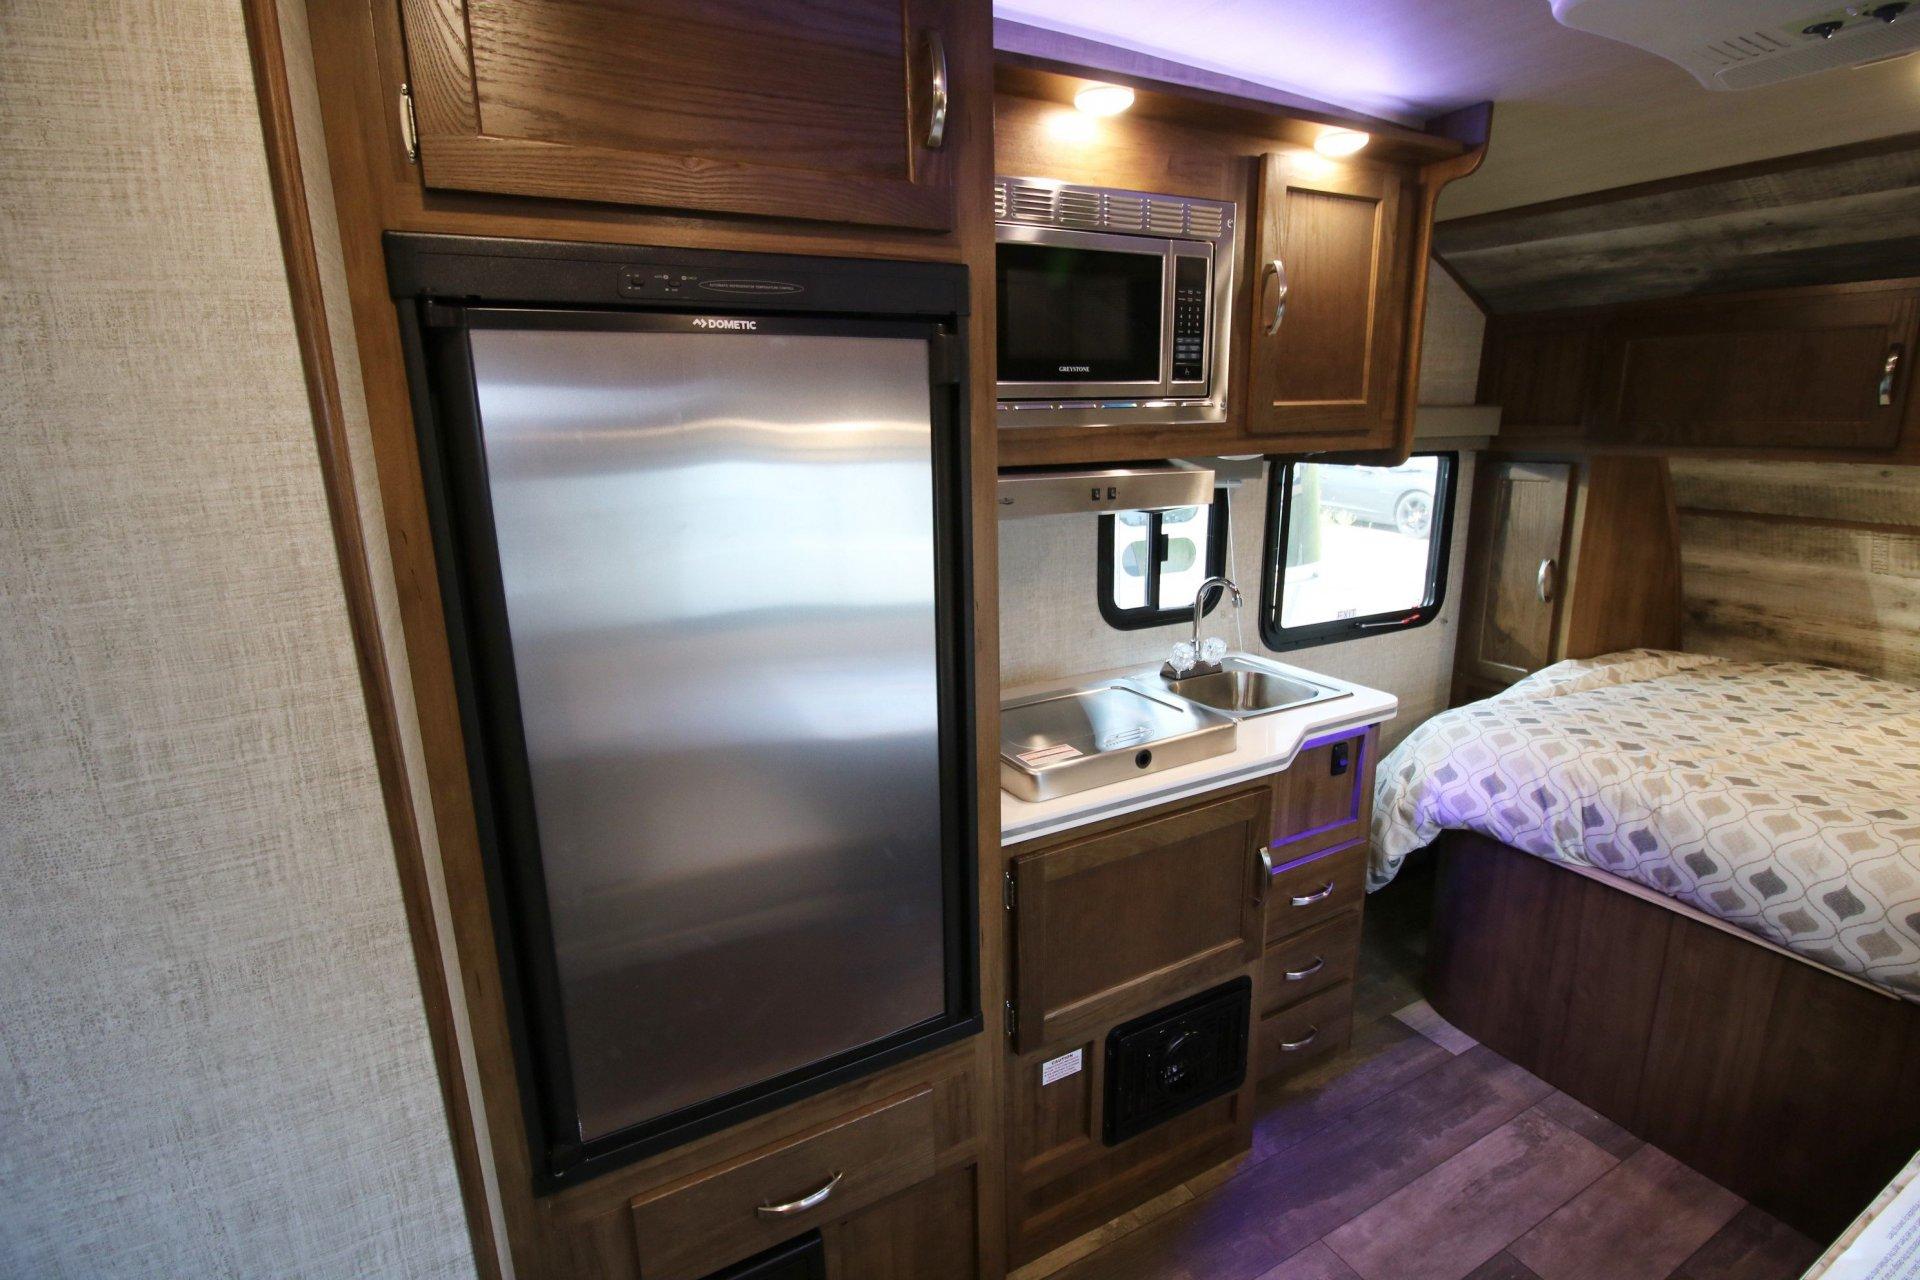 2021 GULFSTREAM VISTA CRUISER 17SCD - Airstreams   Campers ...